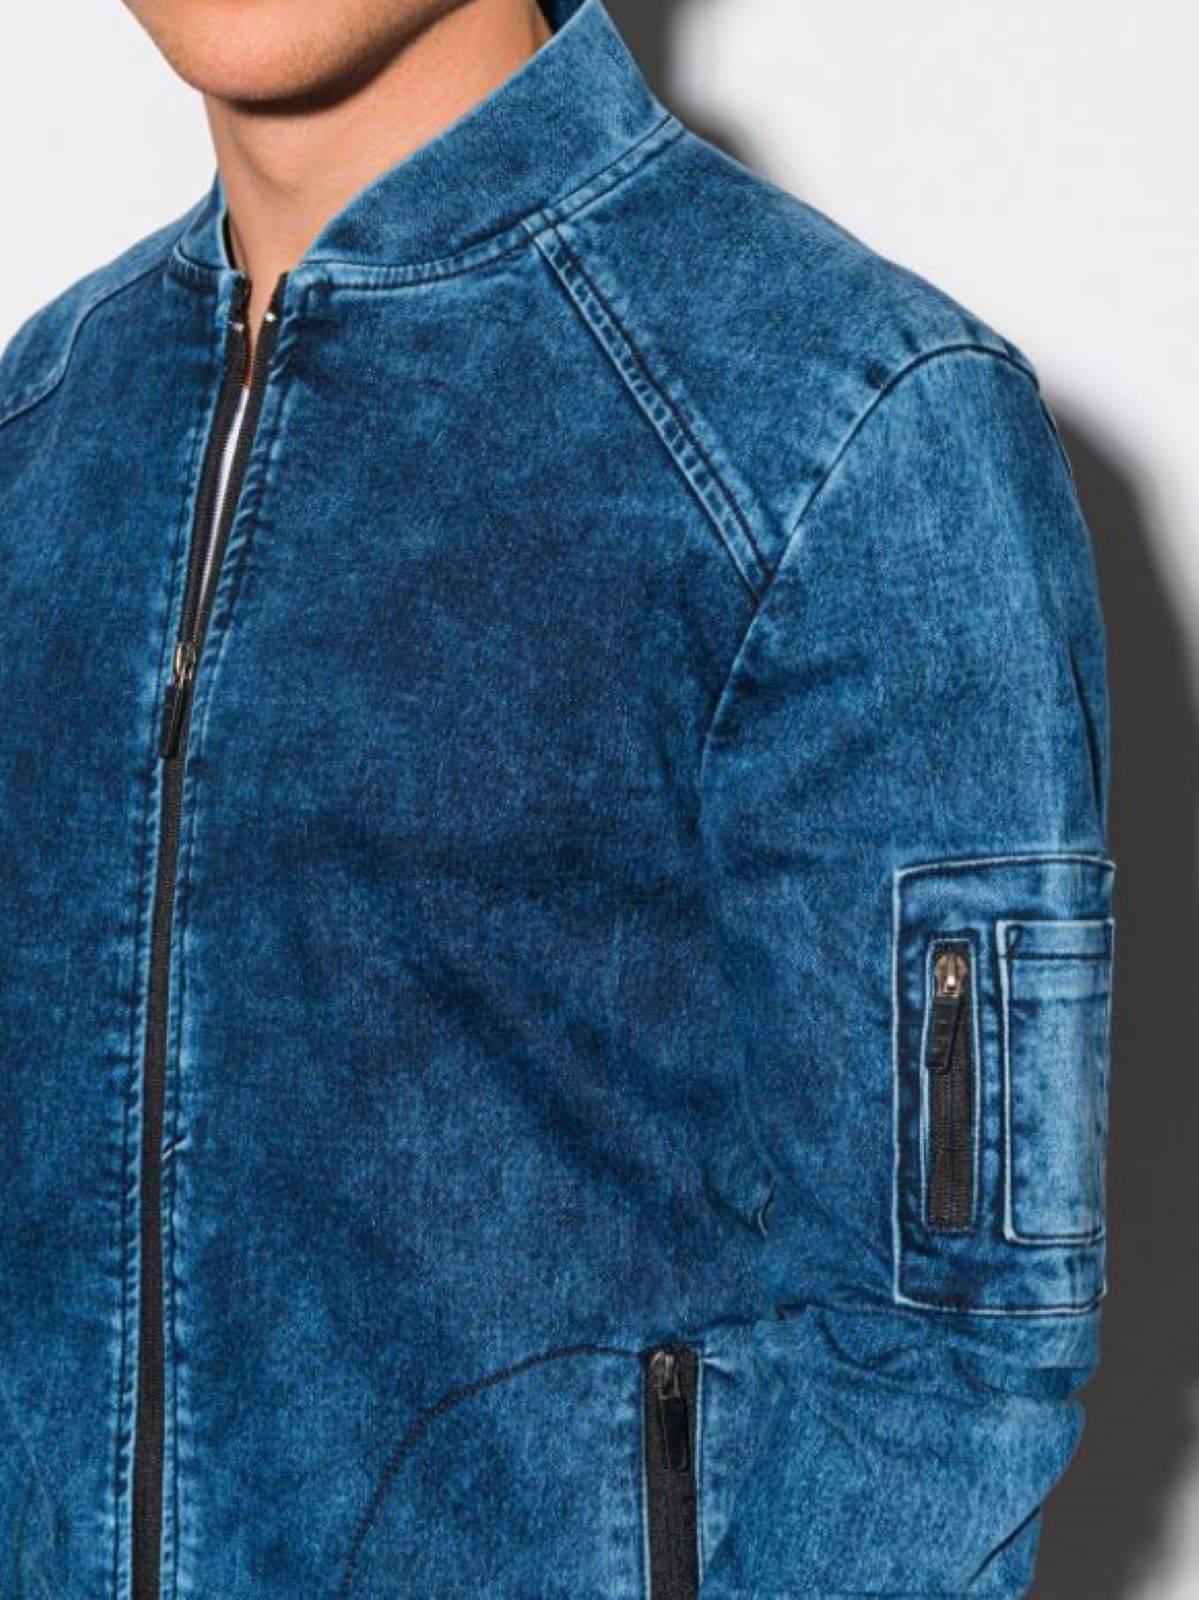 КУРТКА ЧОЛОВІЧА ДЖИНСОВА ДЕМІСЕЗОННА БОМБЕРКА C240 - СИНЯ джинсовий ... e24ab689a087c